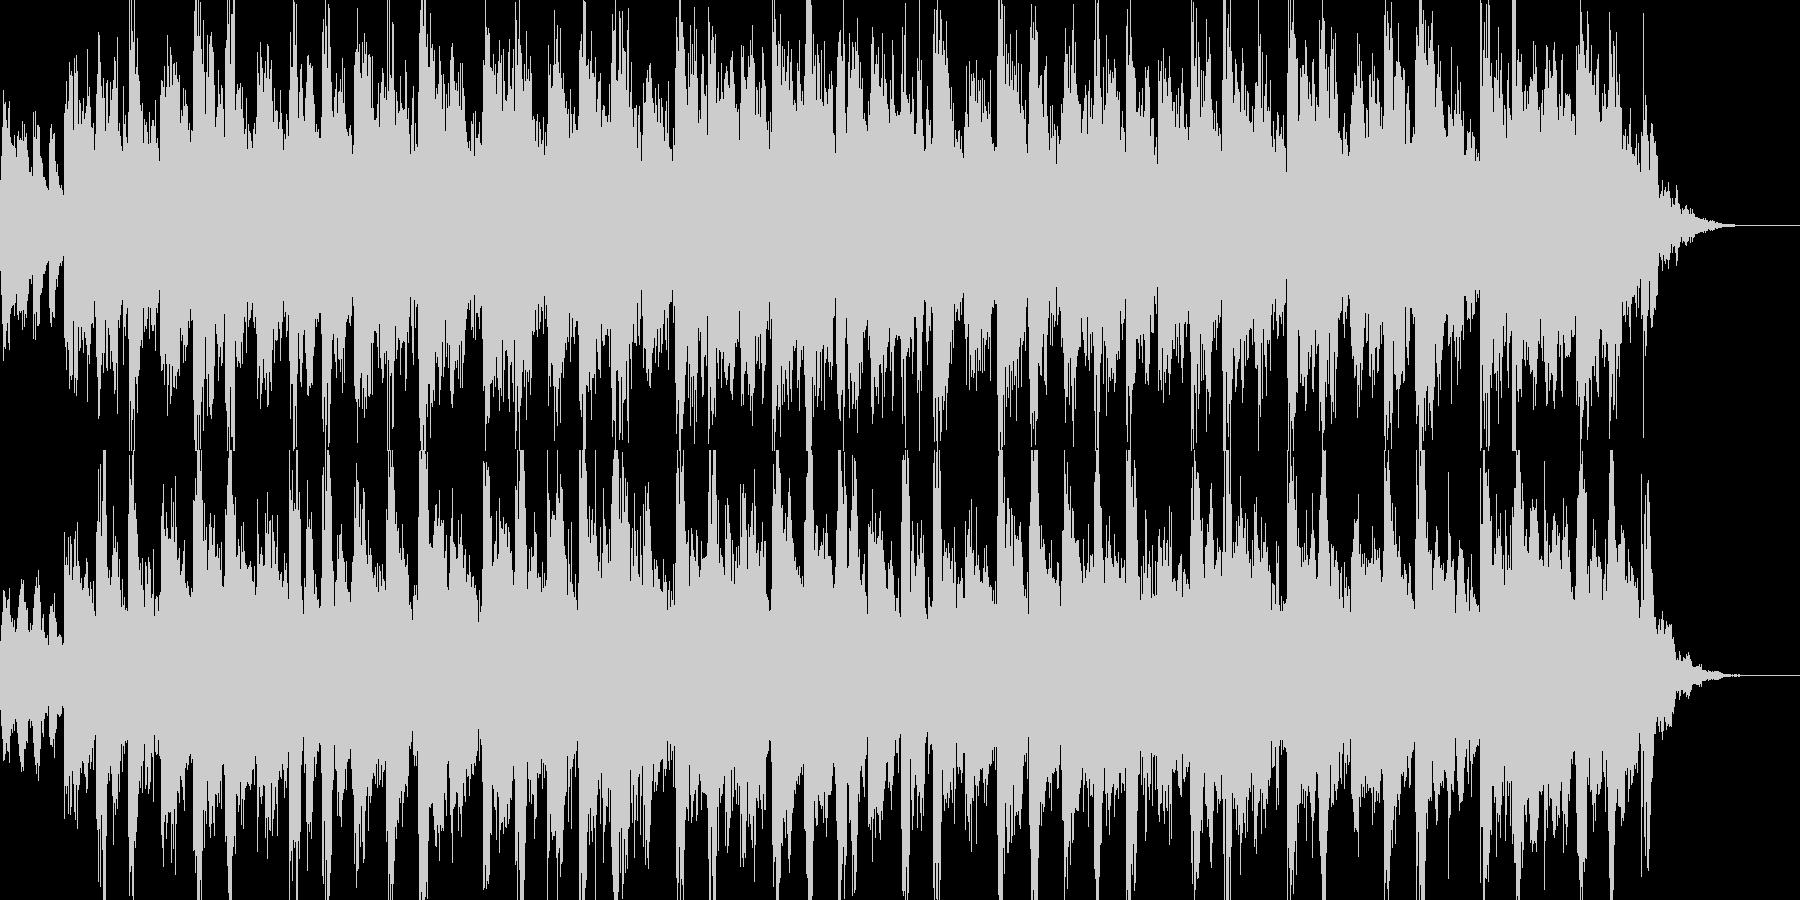 民族の曲調でシリアル系の曲の未再生の波形